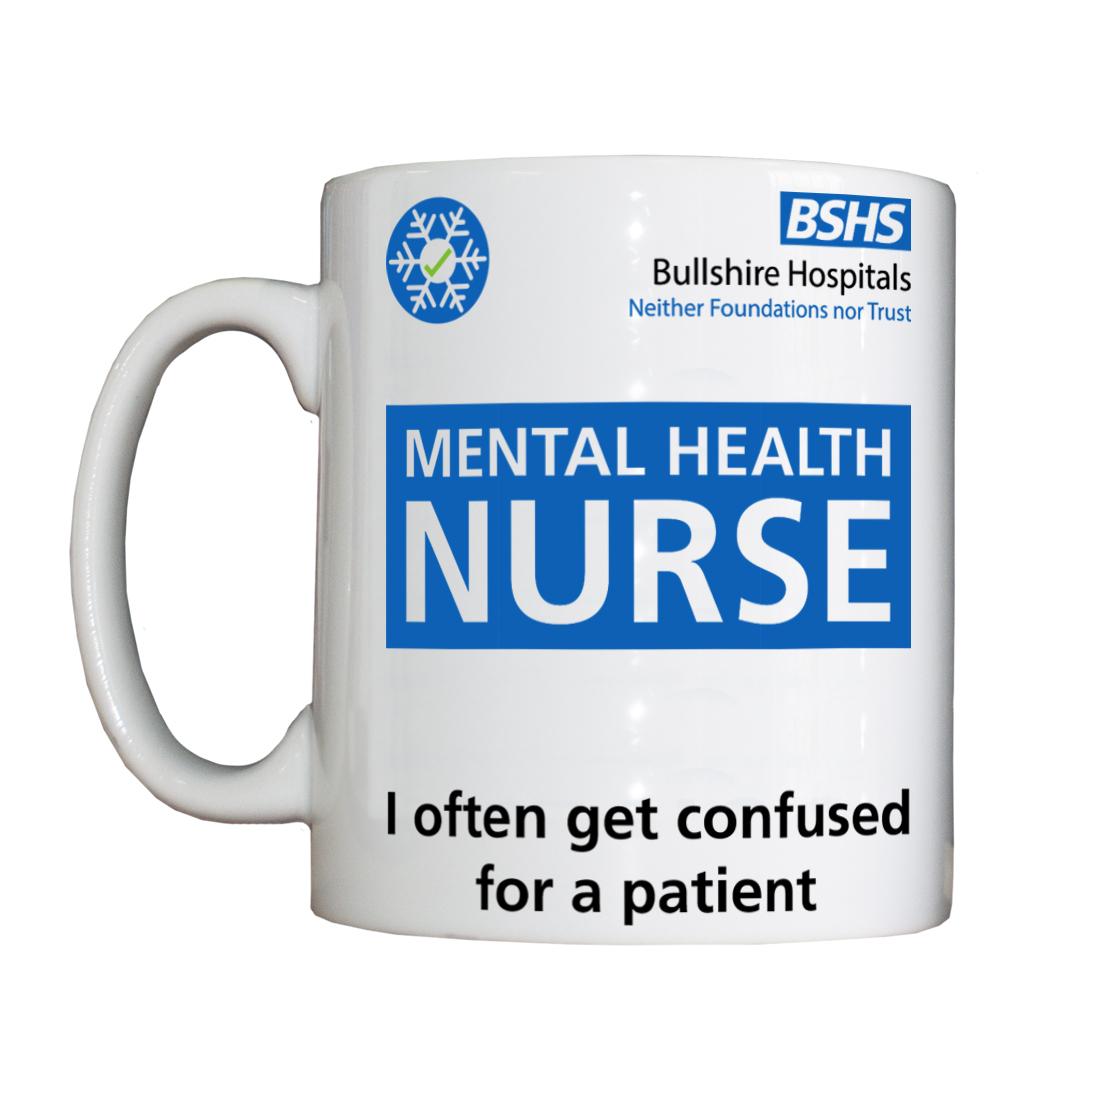 Personalised 'Mental Health Nurse' Drinking Vessel BSHSMentalHealthNurseVessel